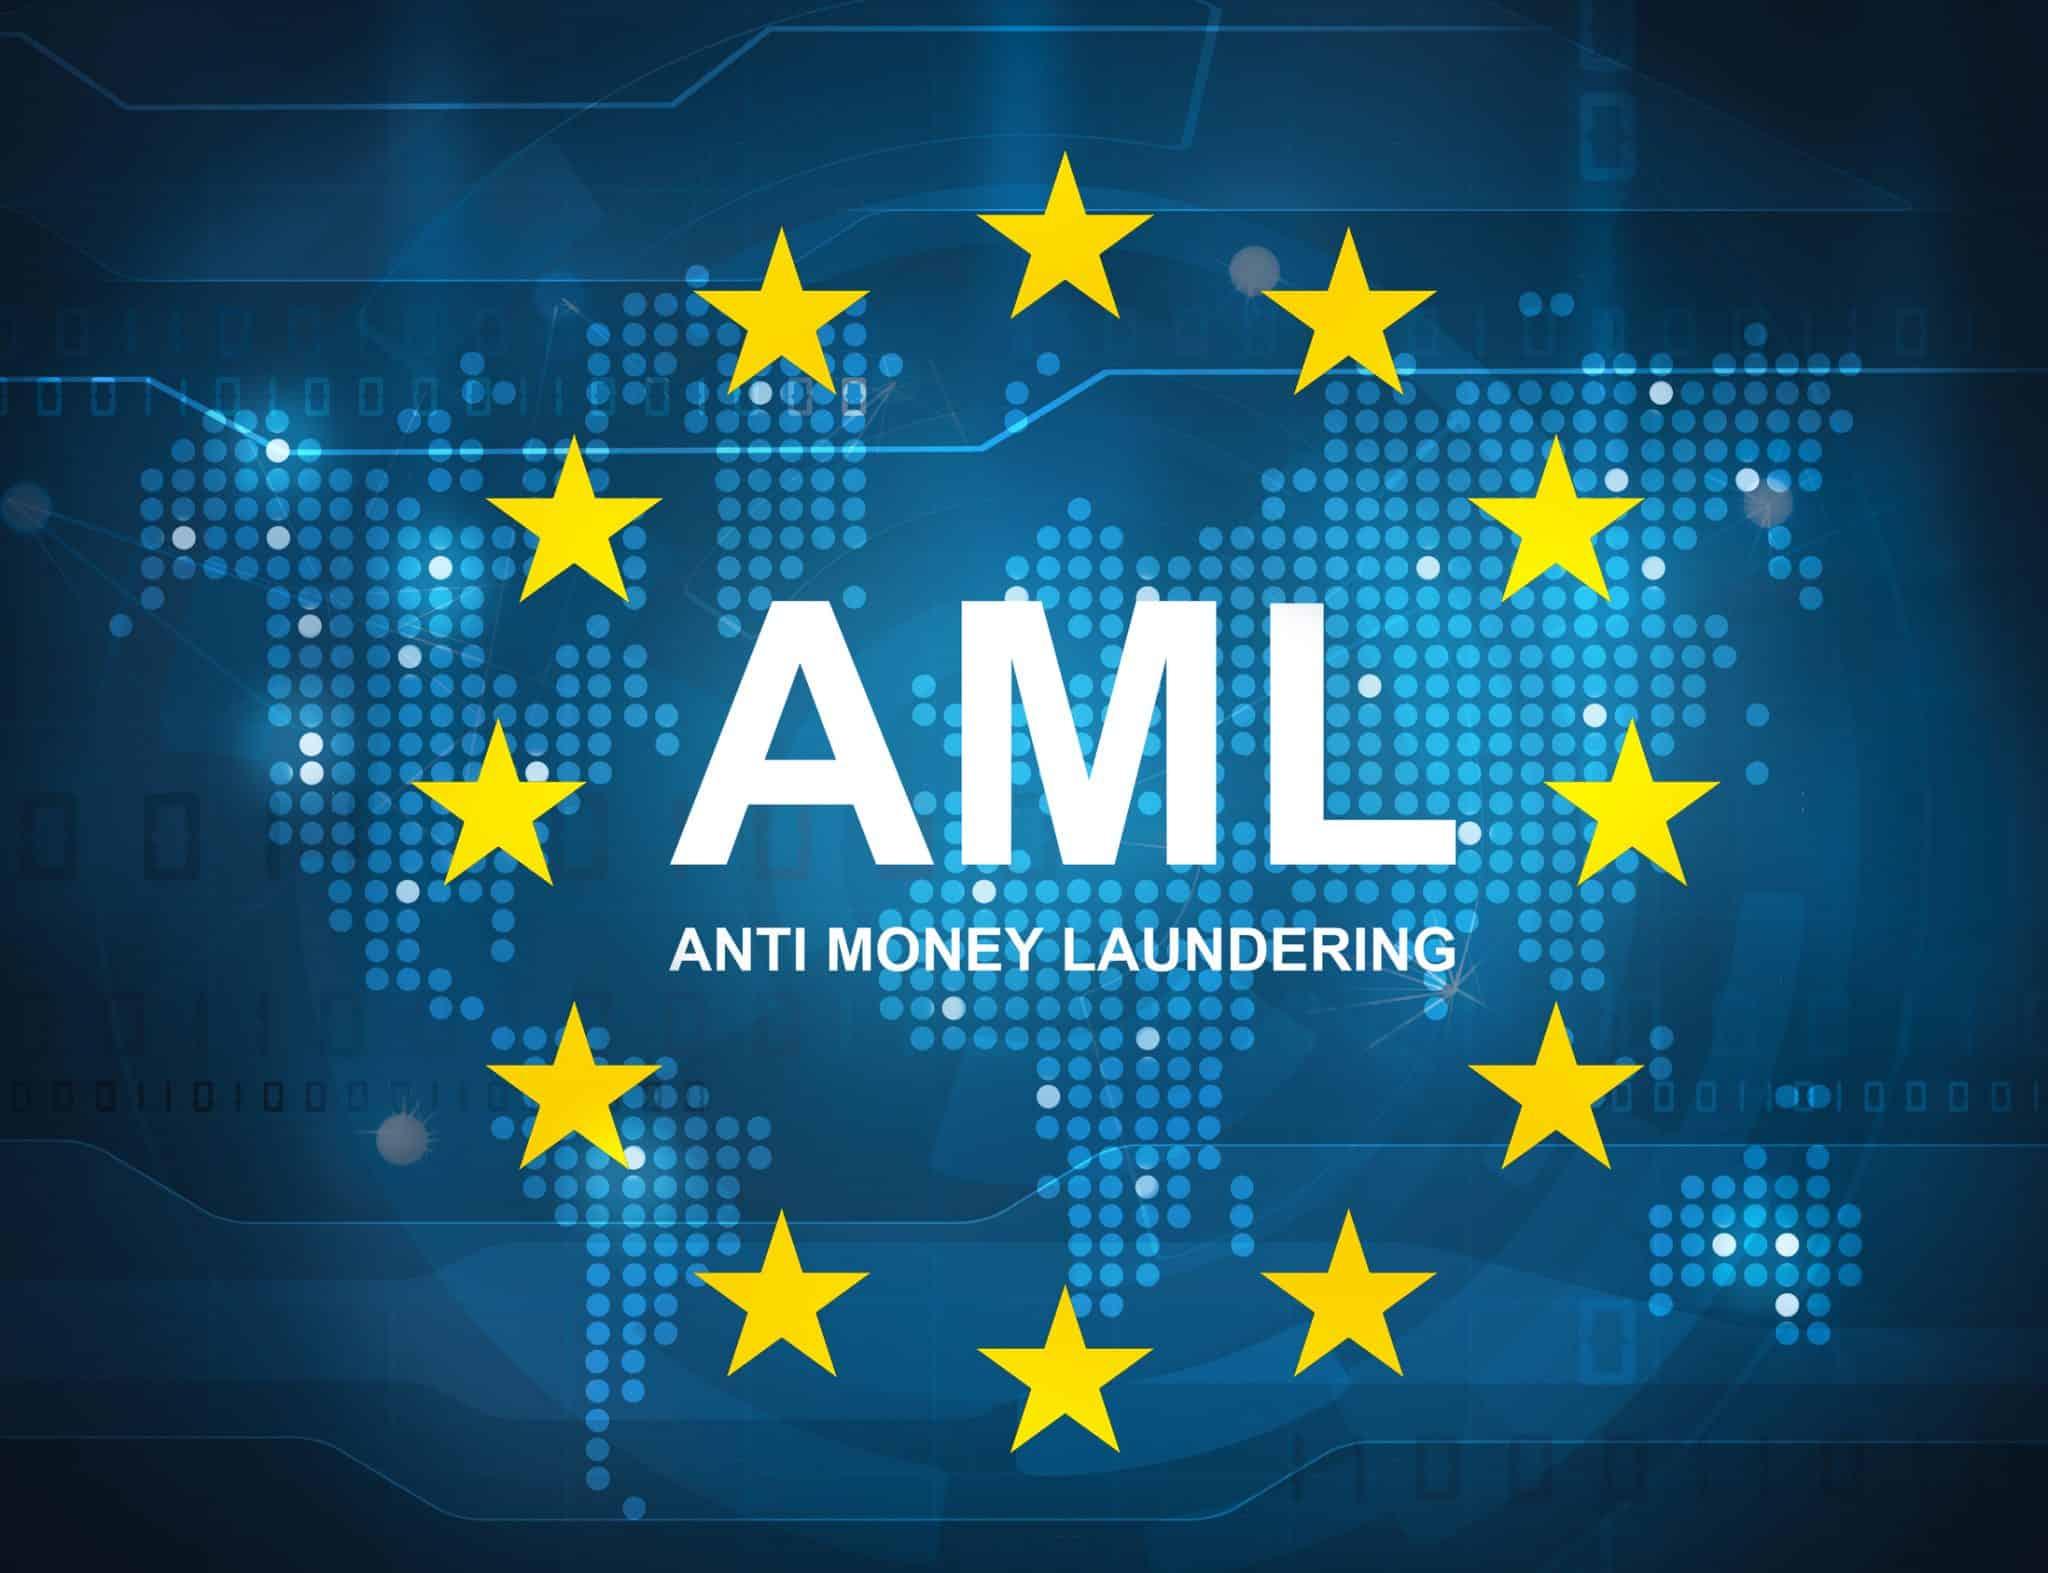 Strafrechtliche Bekämpfung der Geldwäsche - EU verschärft Regelungen